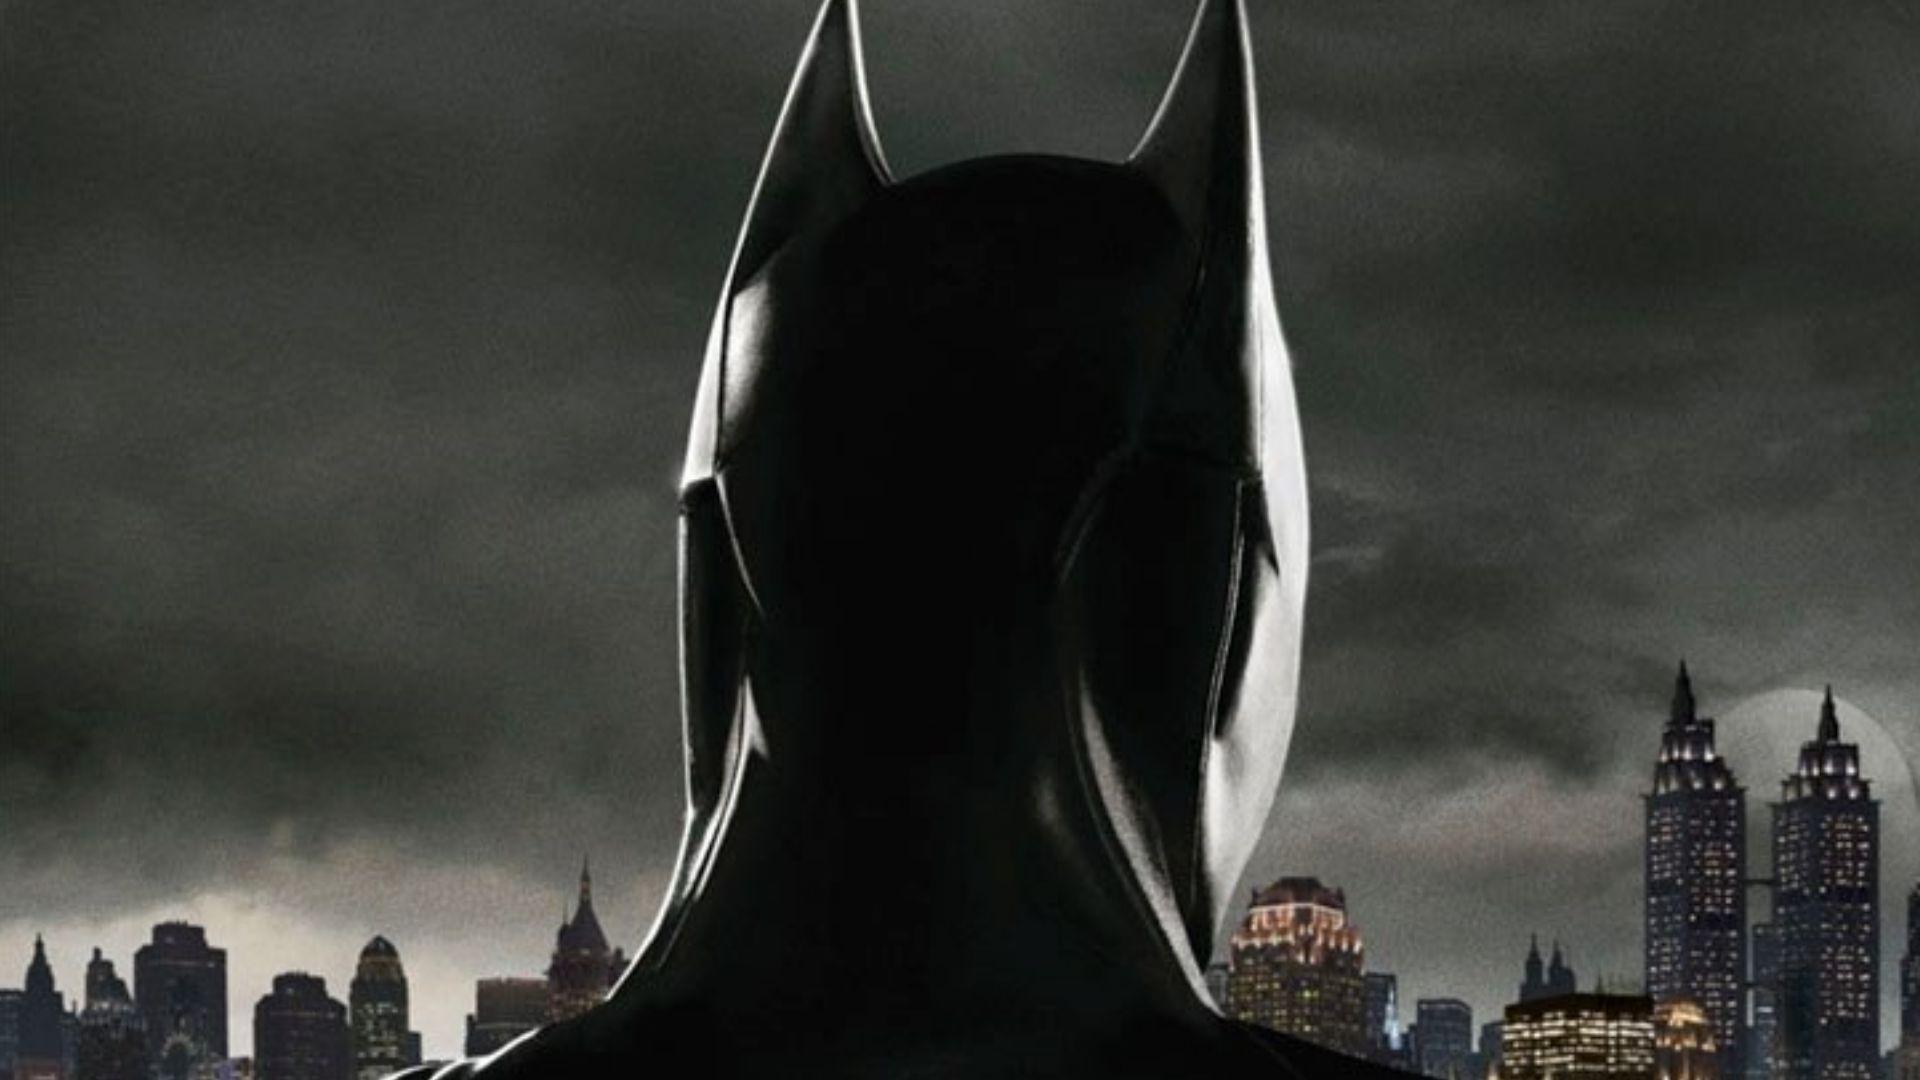 Gotham batman vigila sulla citt nel poster ufficiale for Citta della spezia ultime notizie cronaca